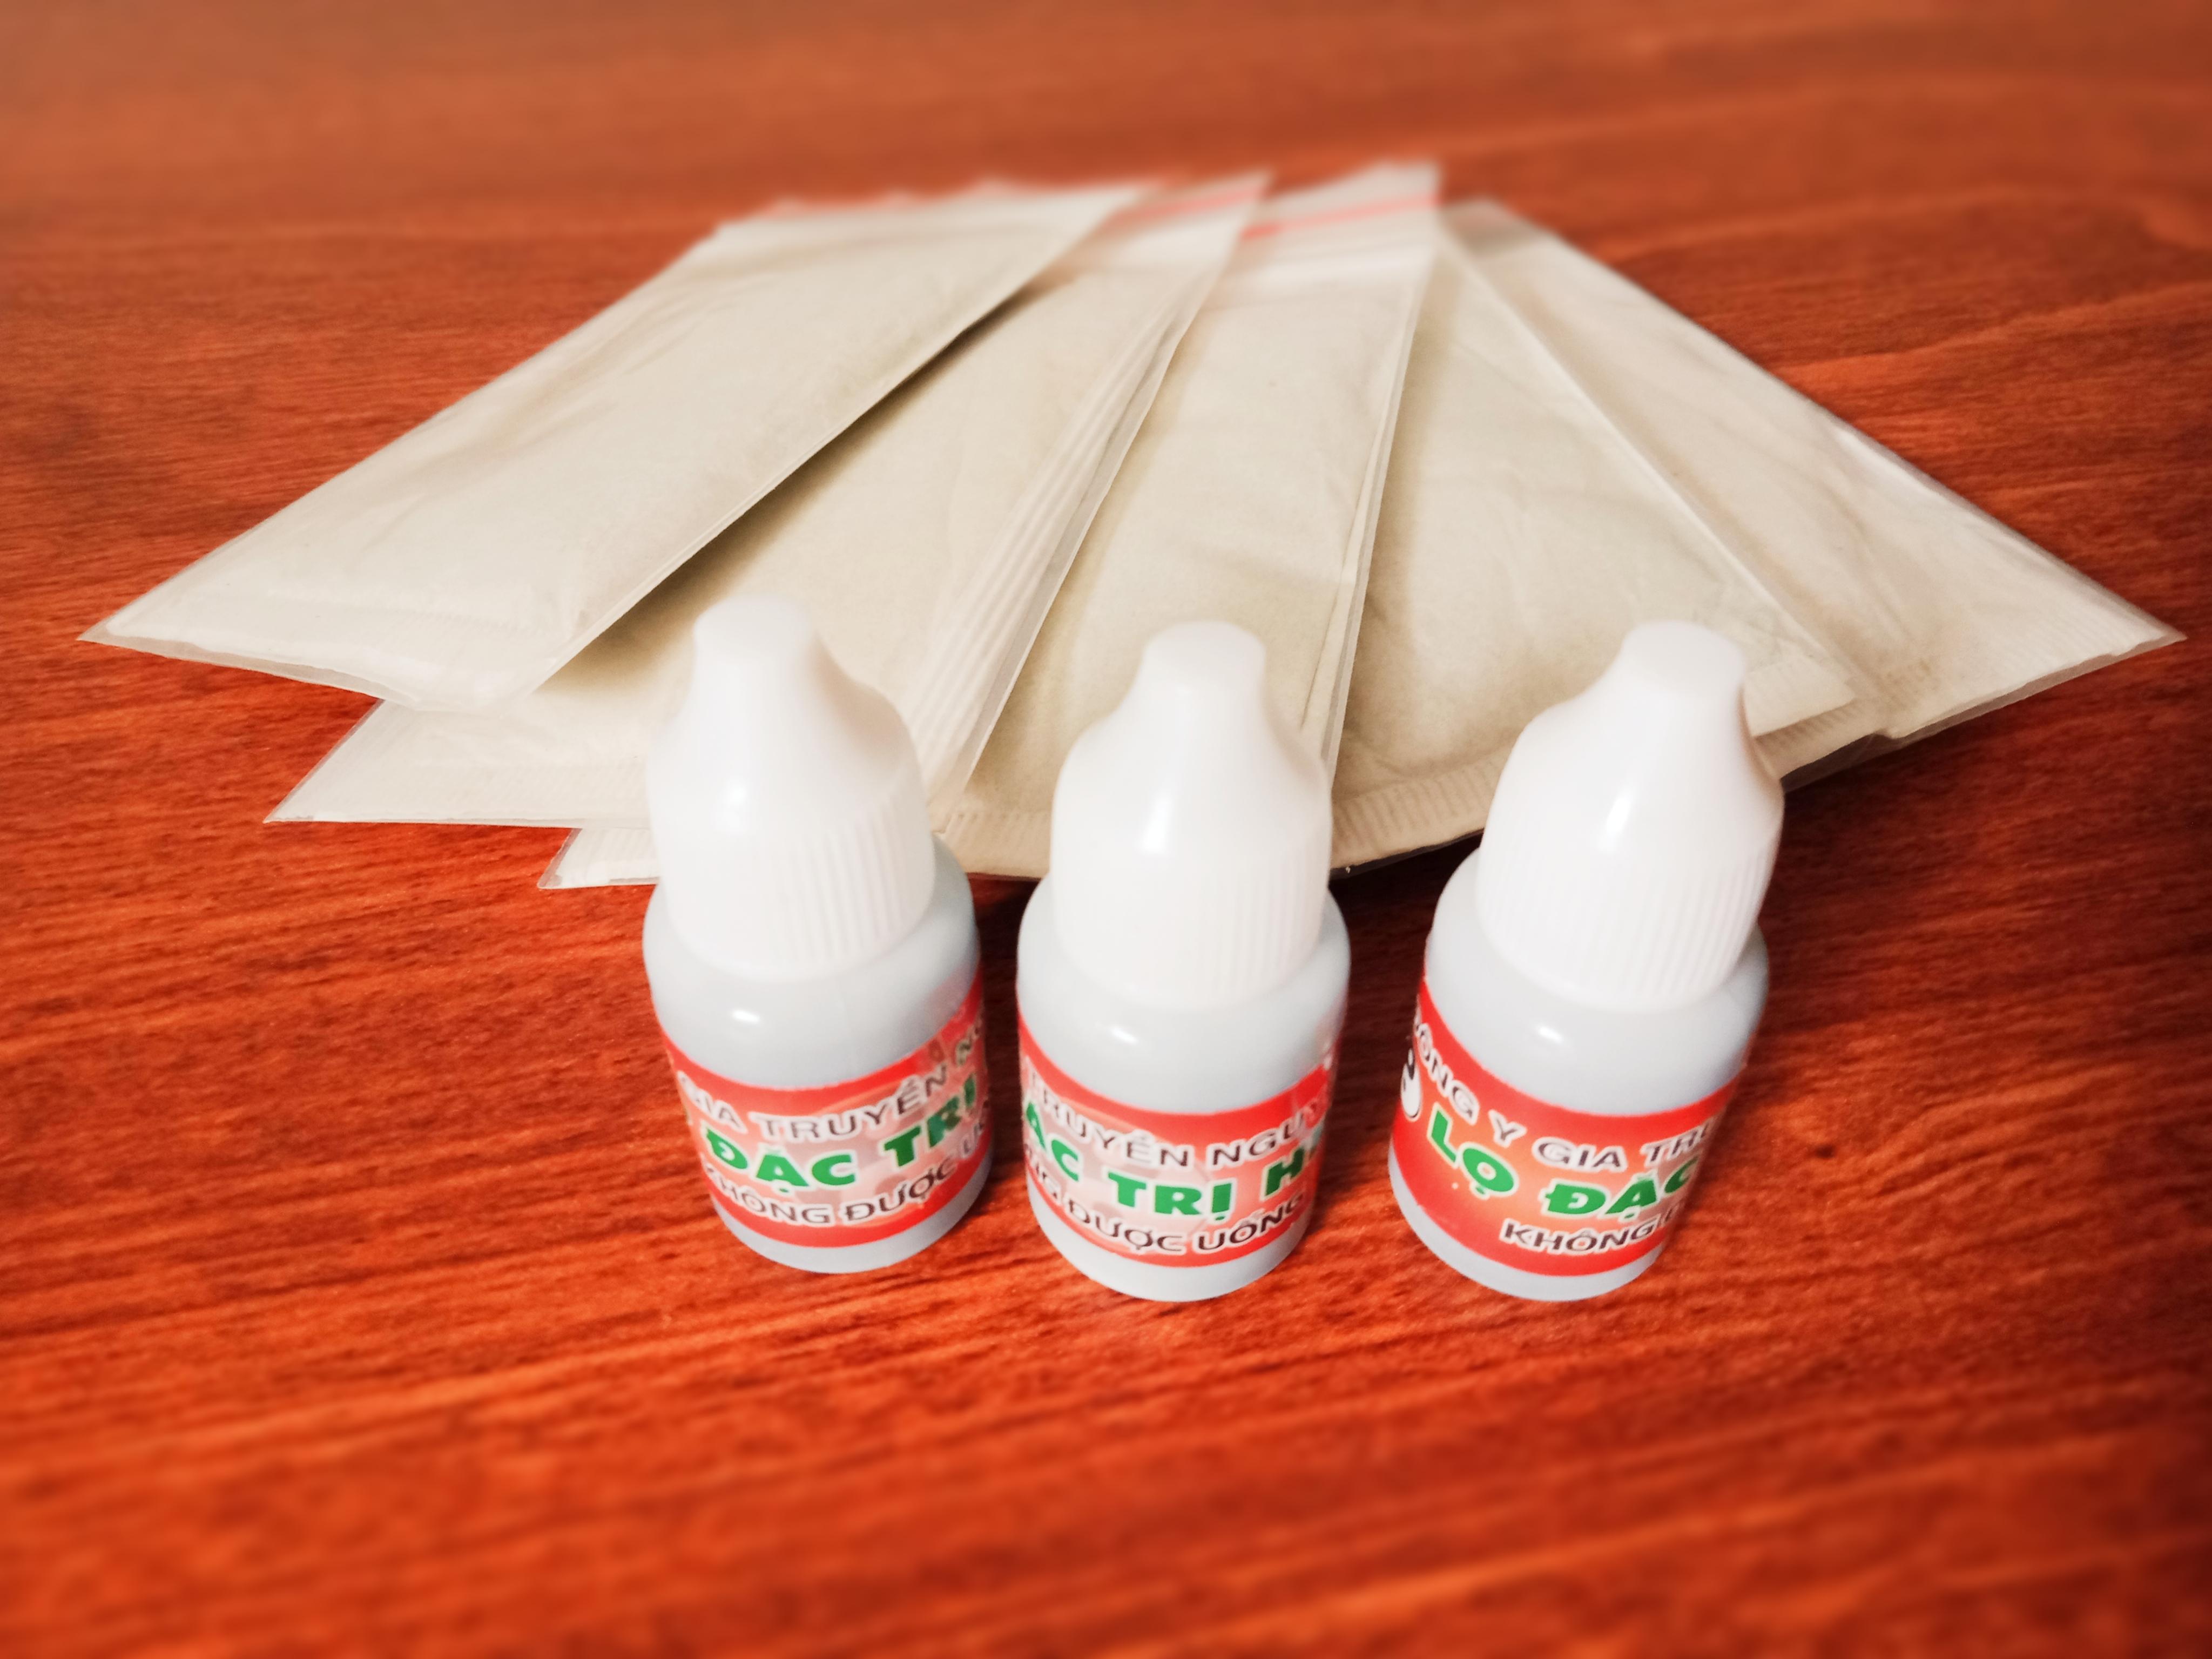 Hướng dẫn dùng thuốc chữa sùi mào gà